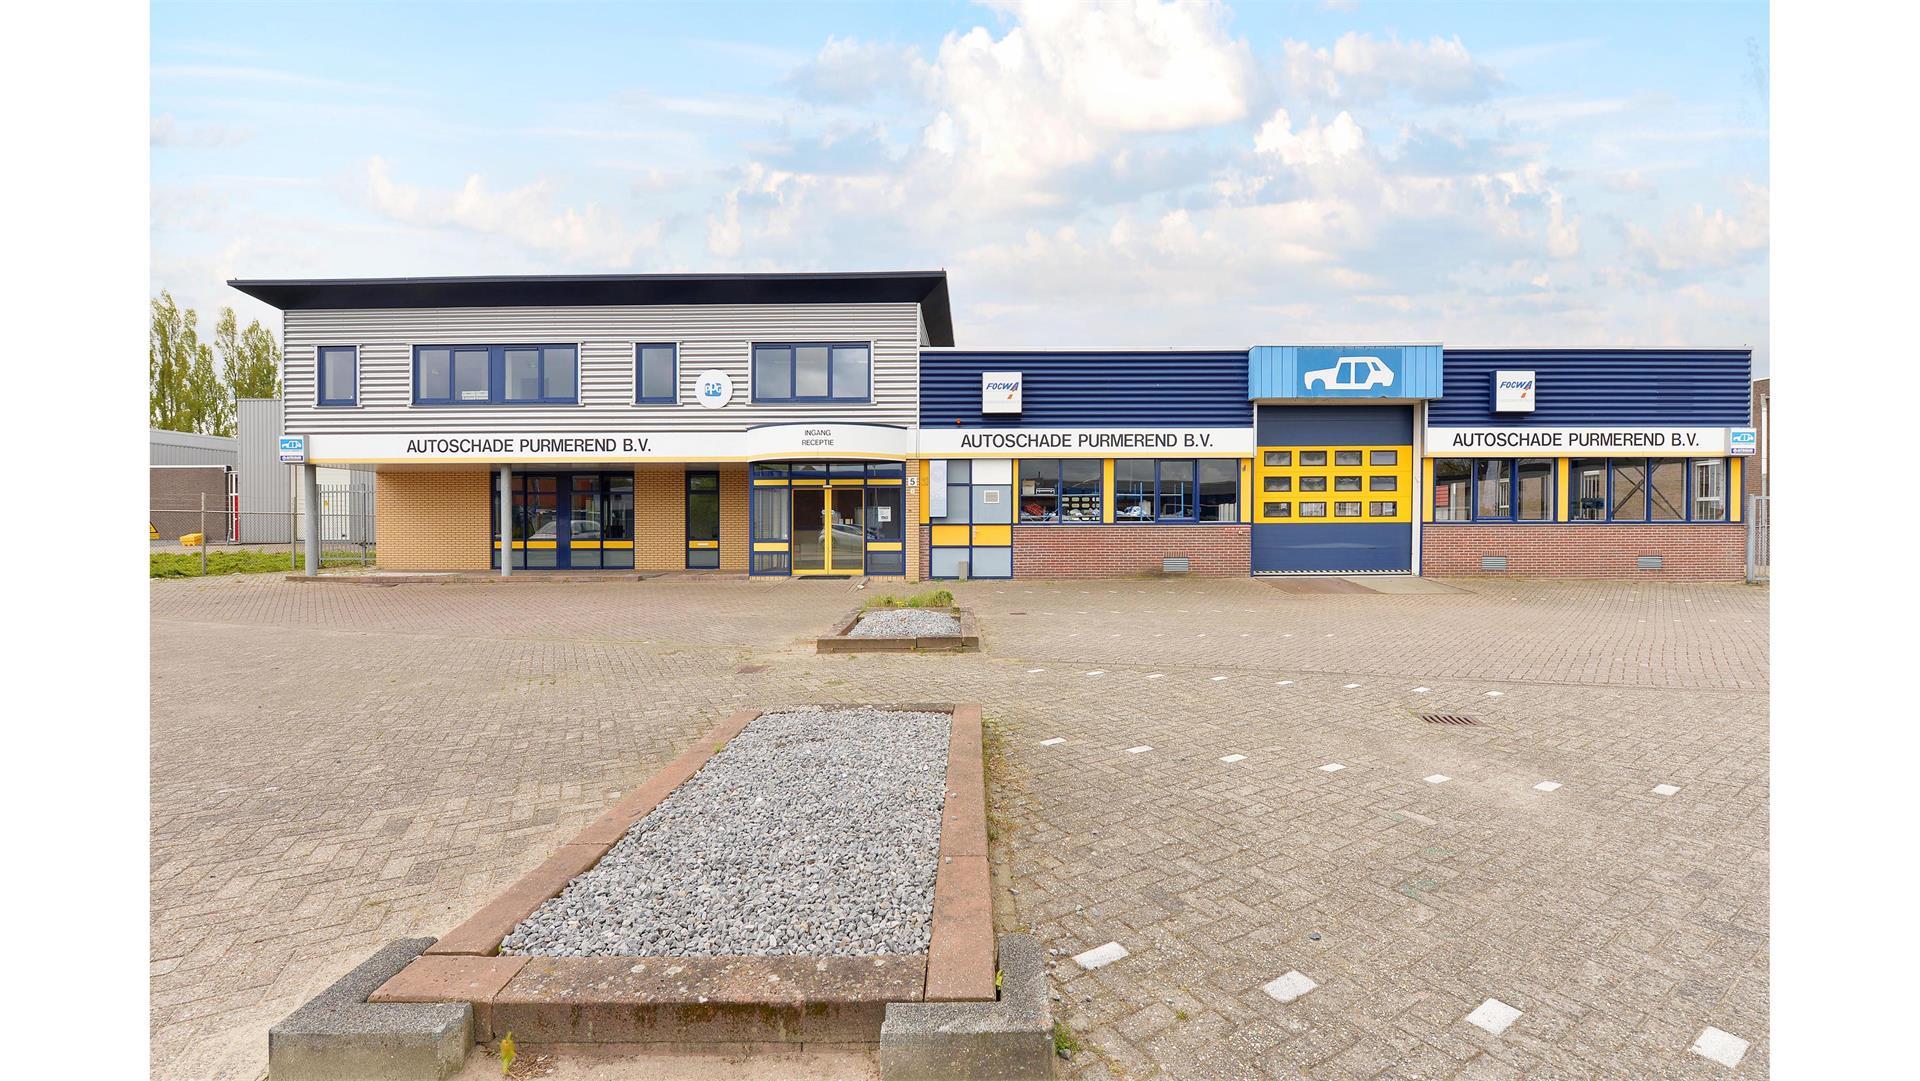 Piet Klerkx Purmerend : Kwadijkerkoogweg purmerend bedrijfsruimt